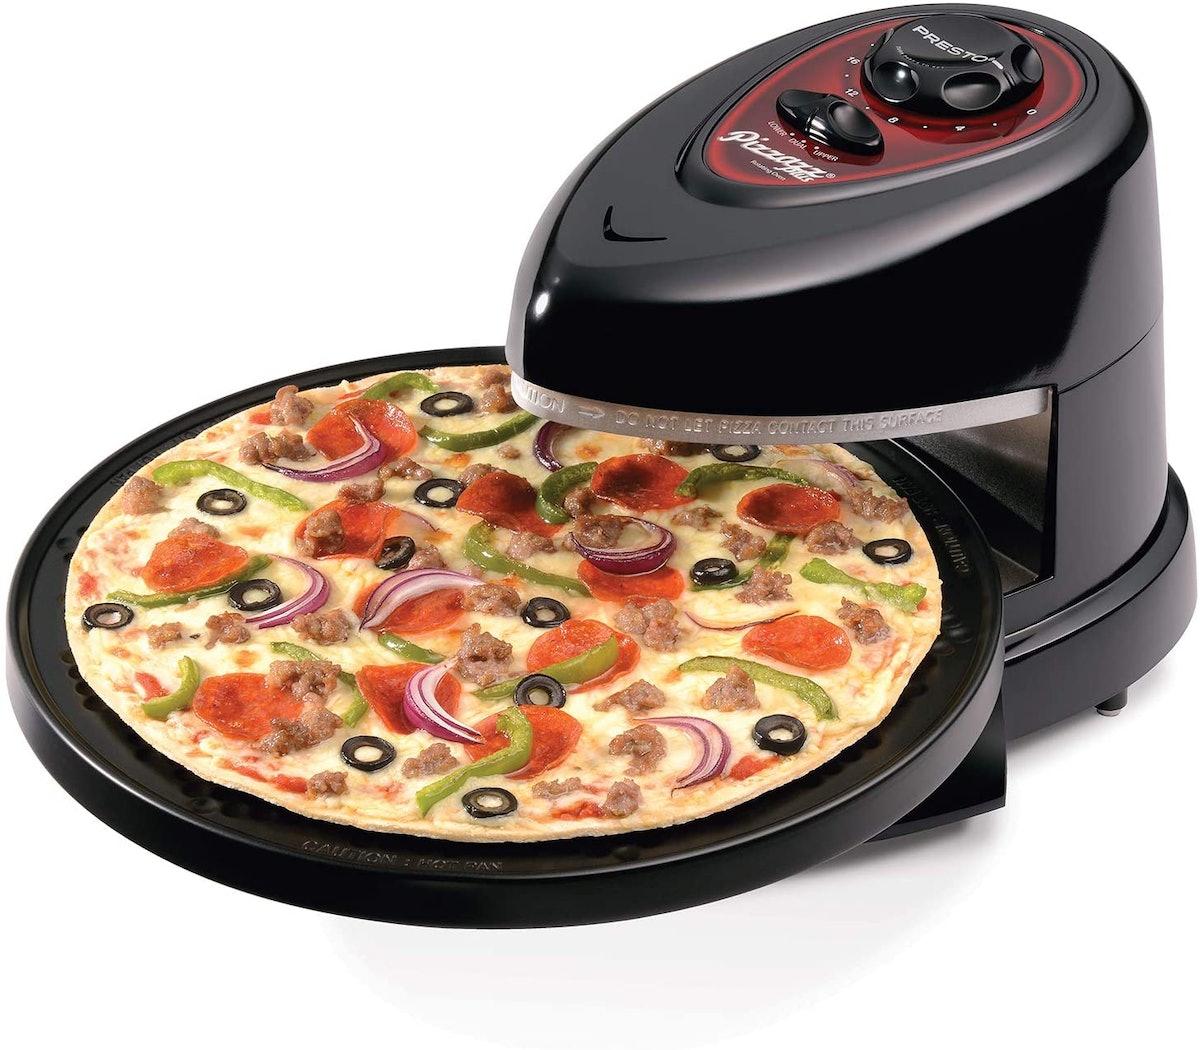 Presto Pizzaz Plus Rotating Oven